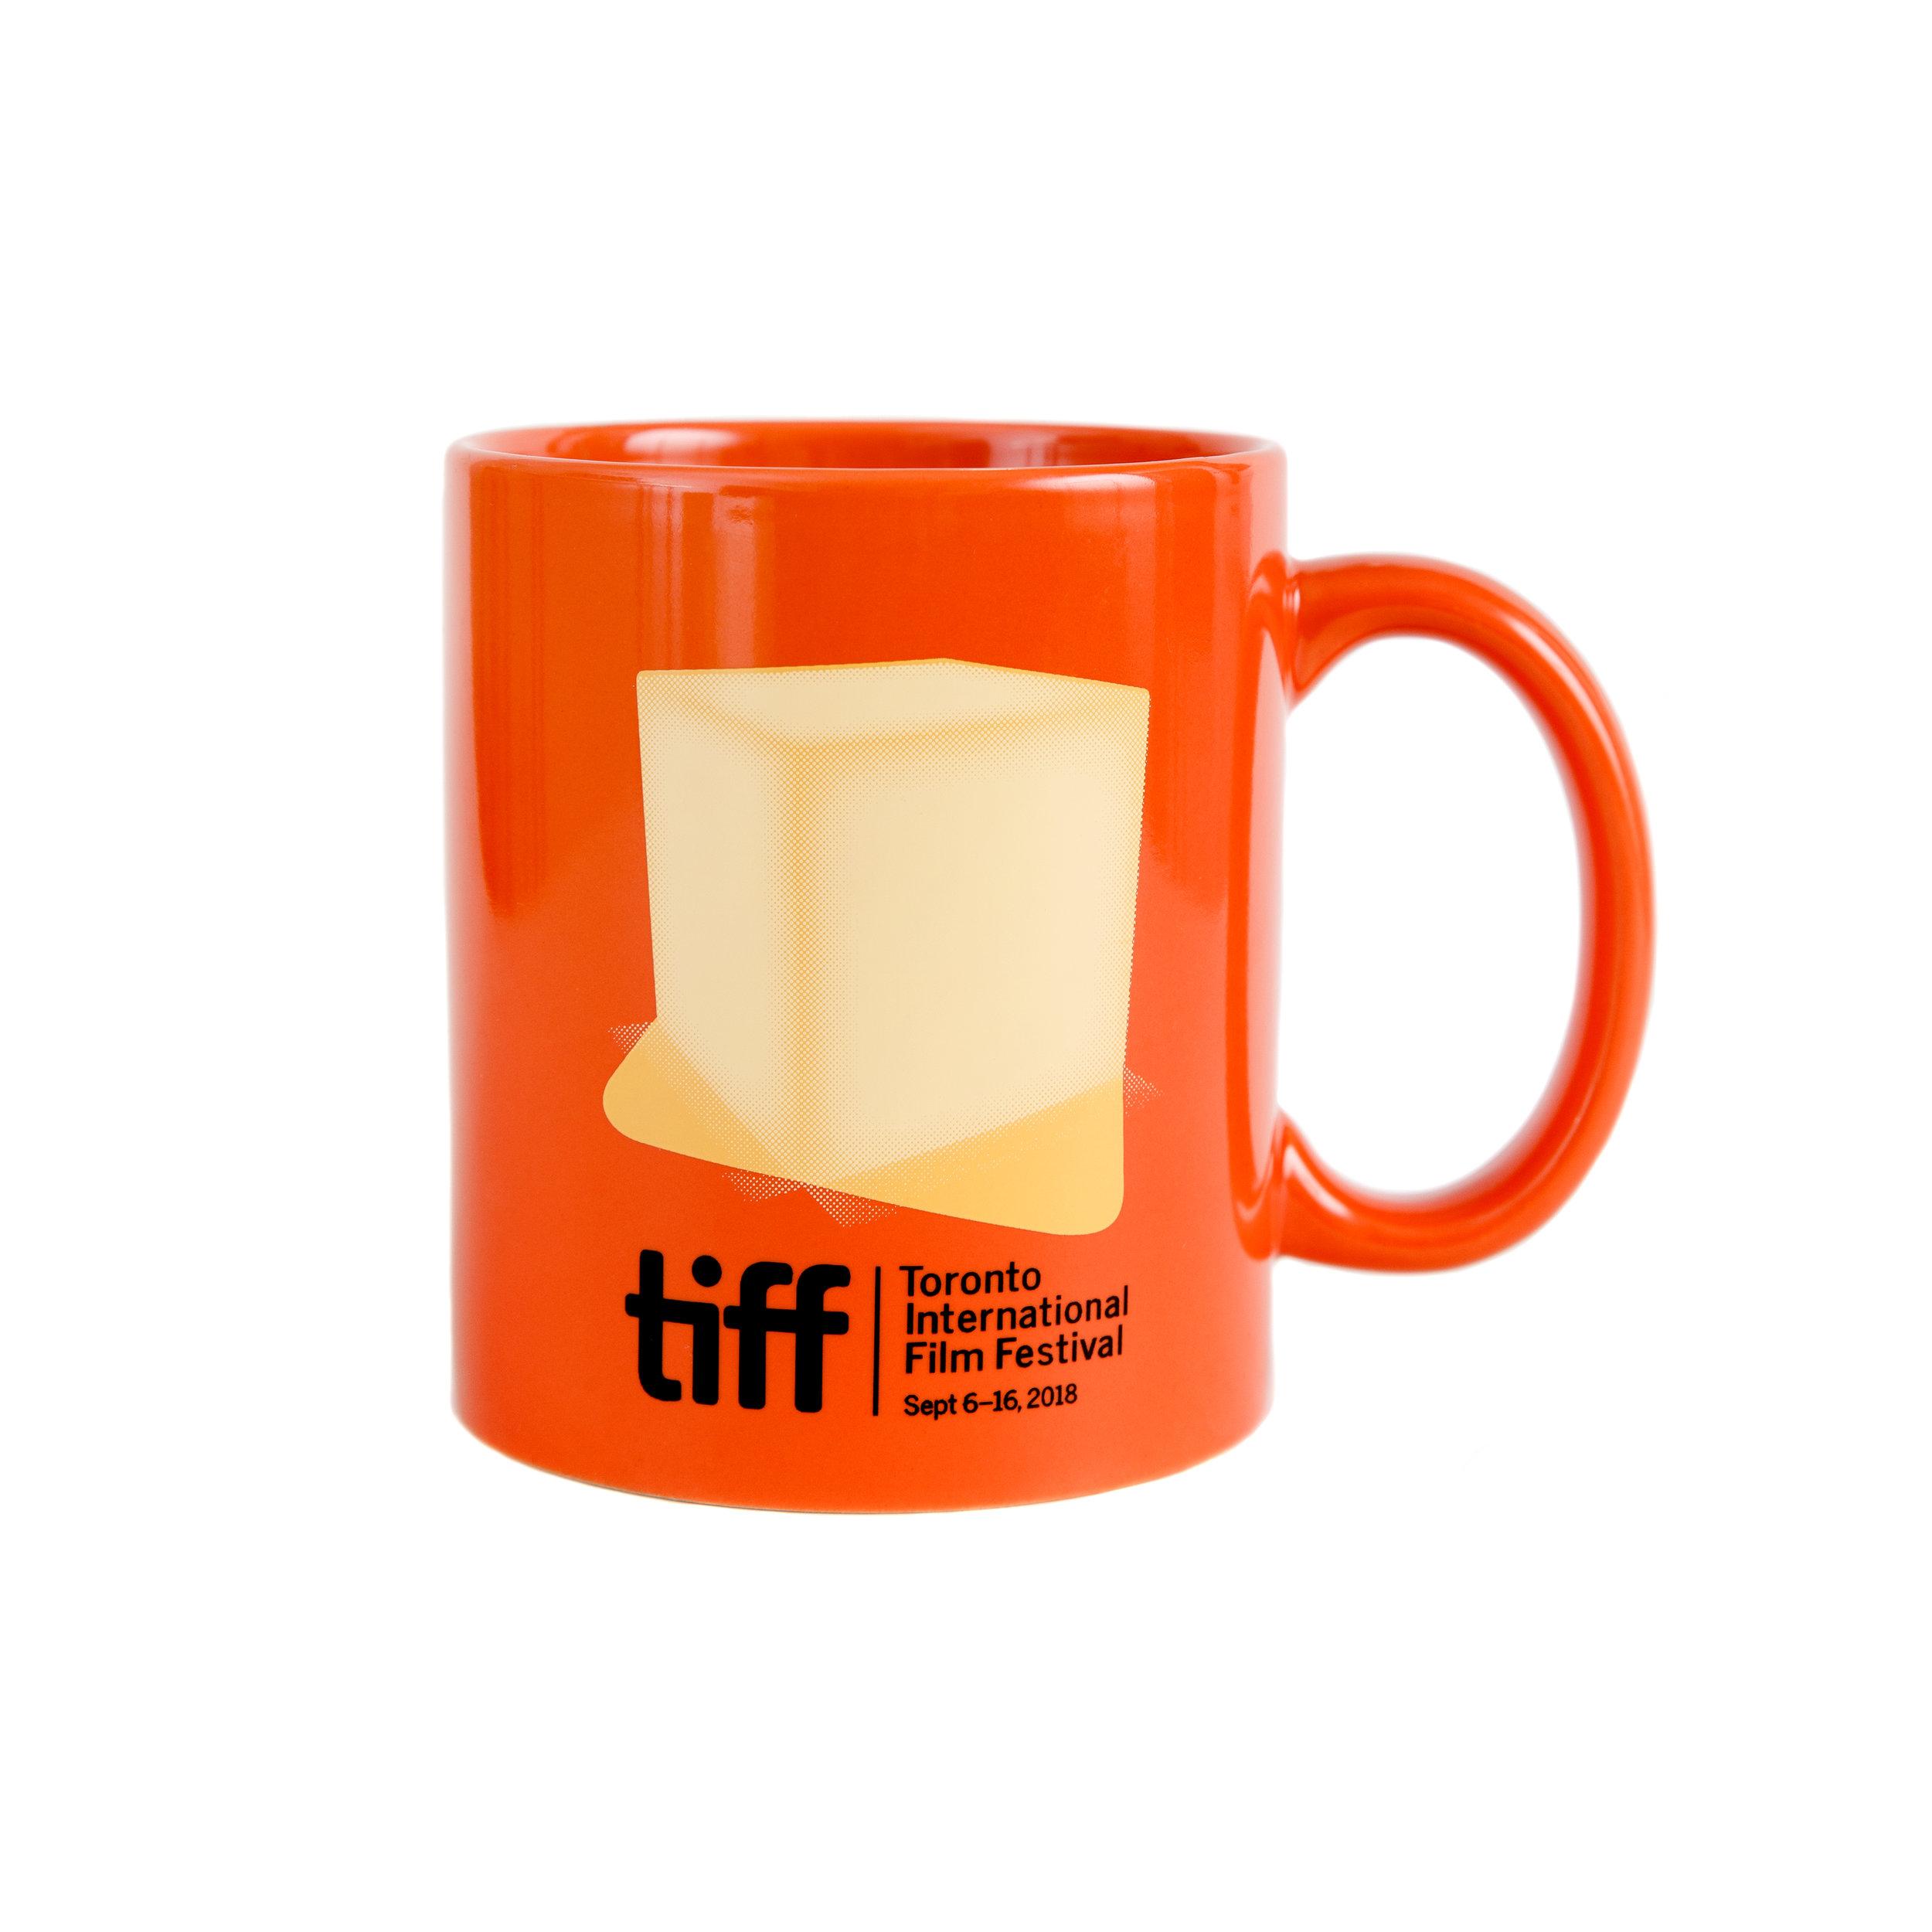 tiff mug